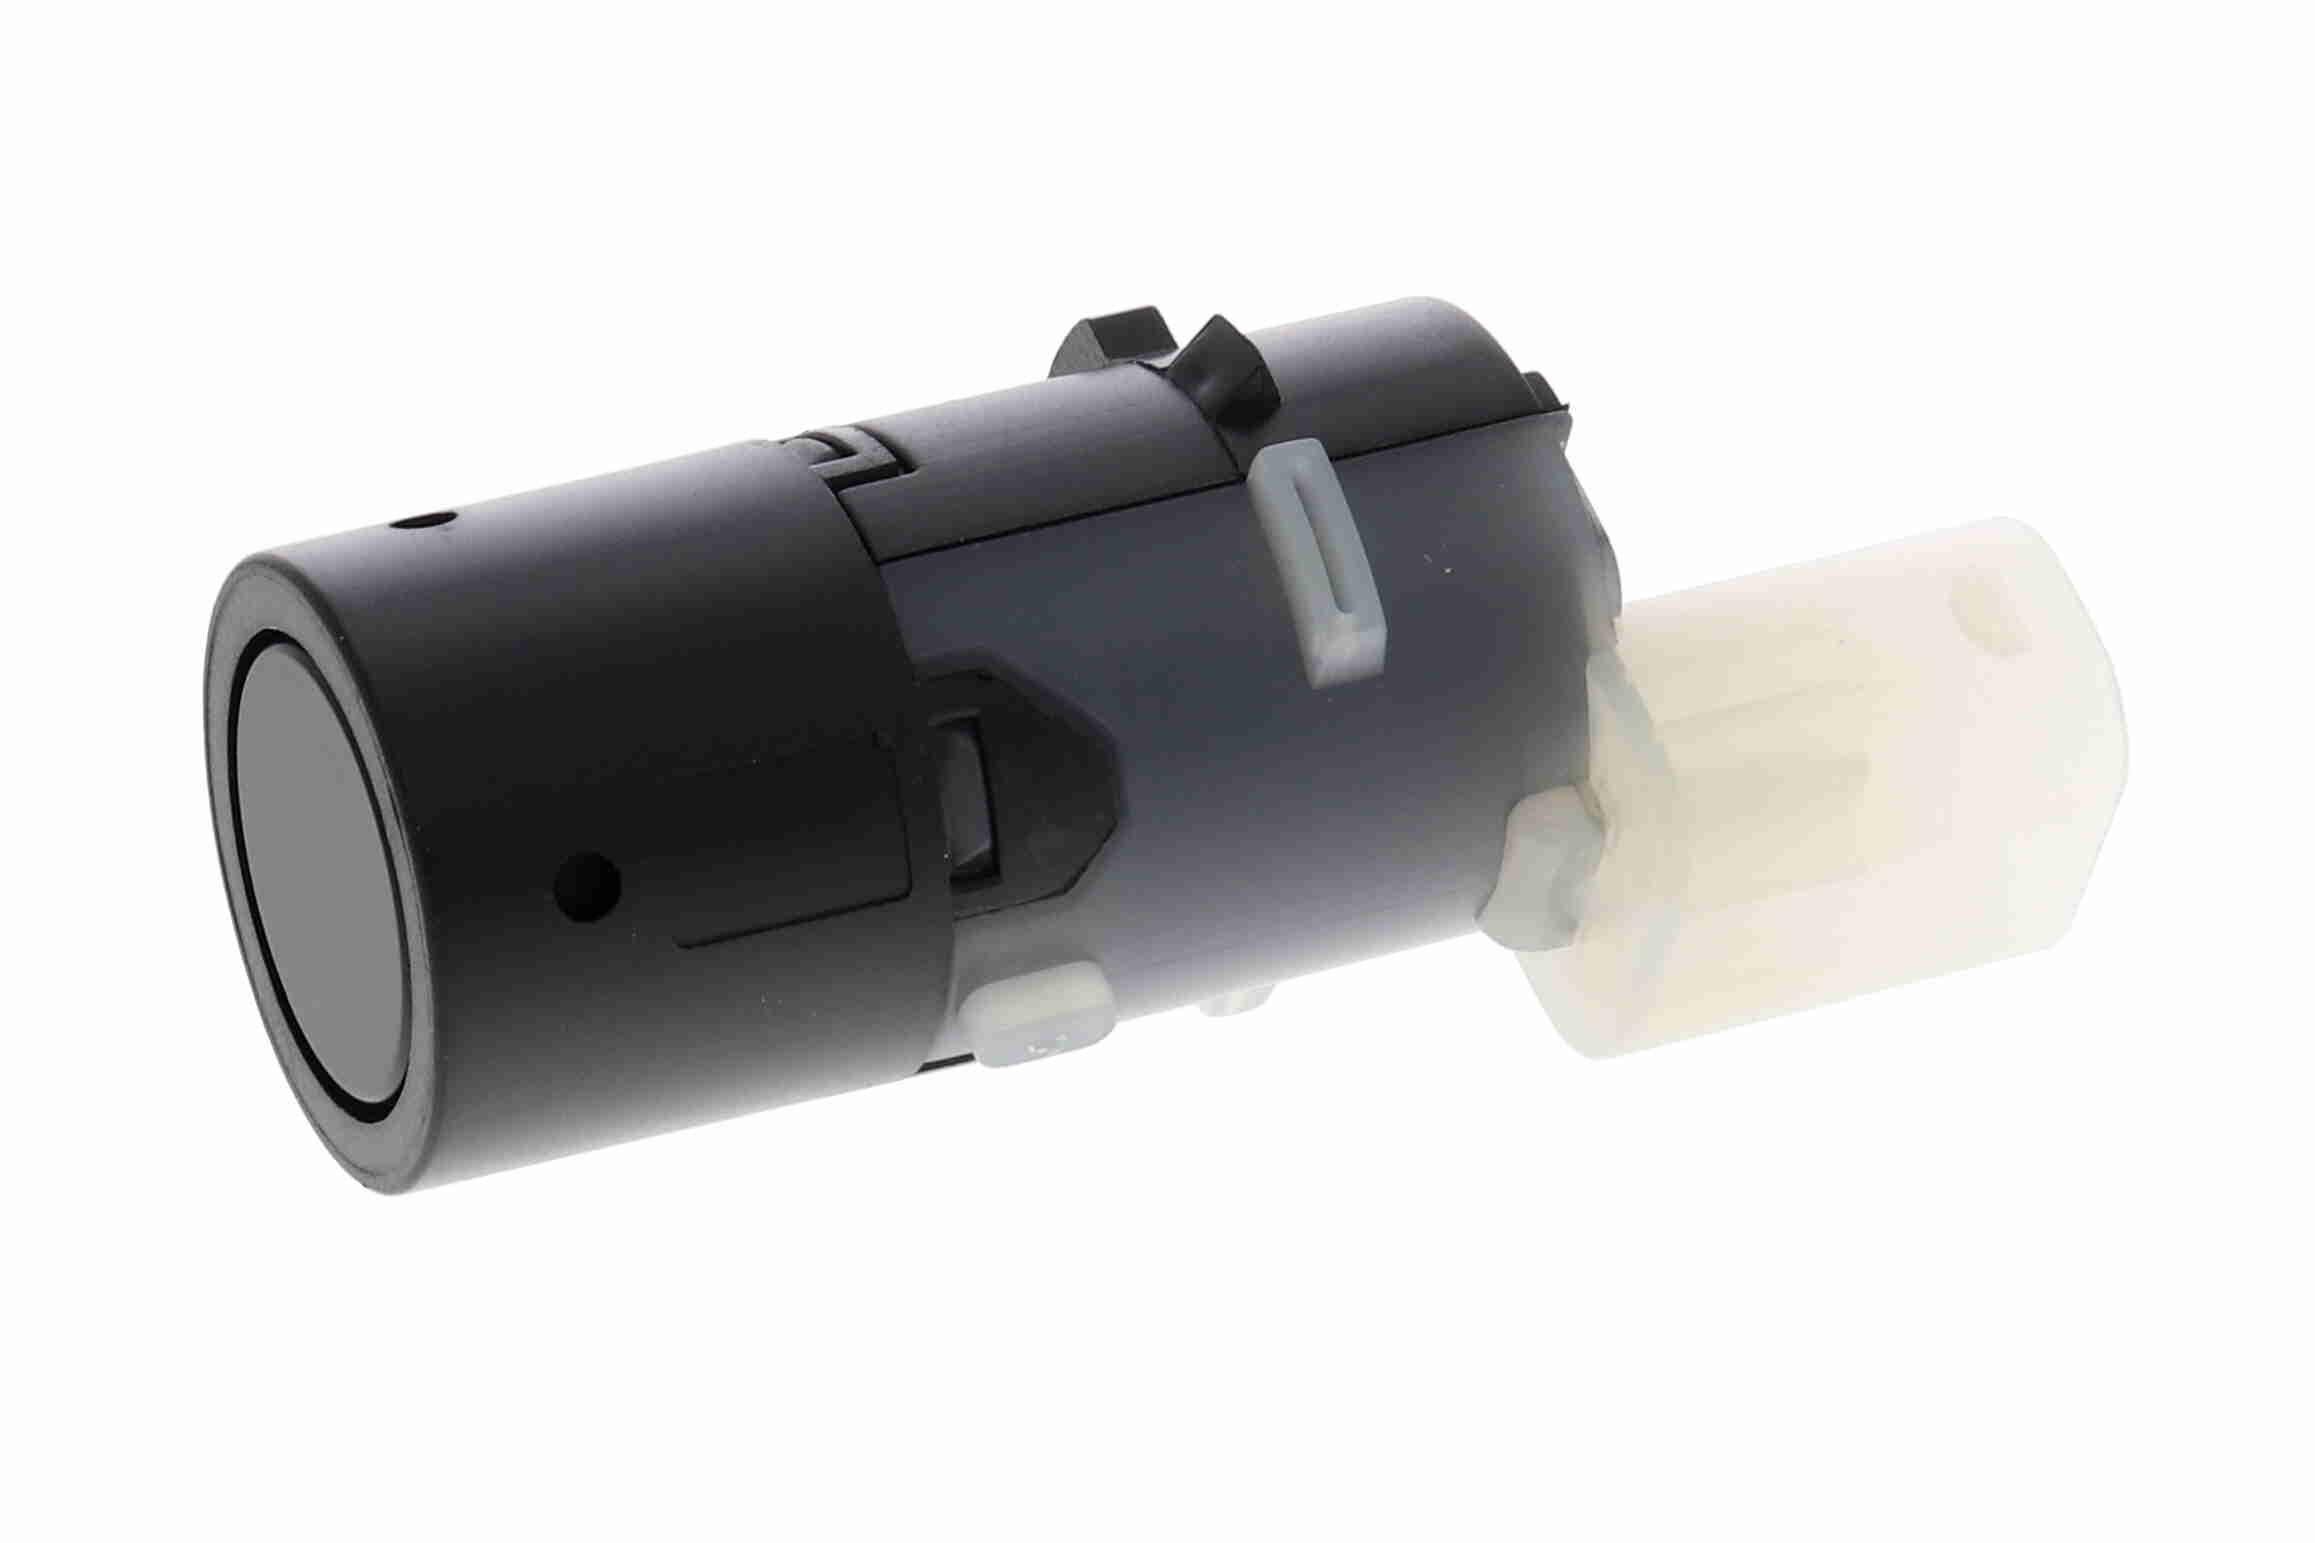 Parkošanās sensors V20-72-0024 pirkt - 24/7!